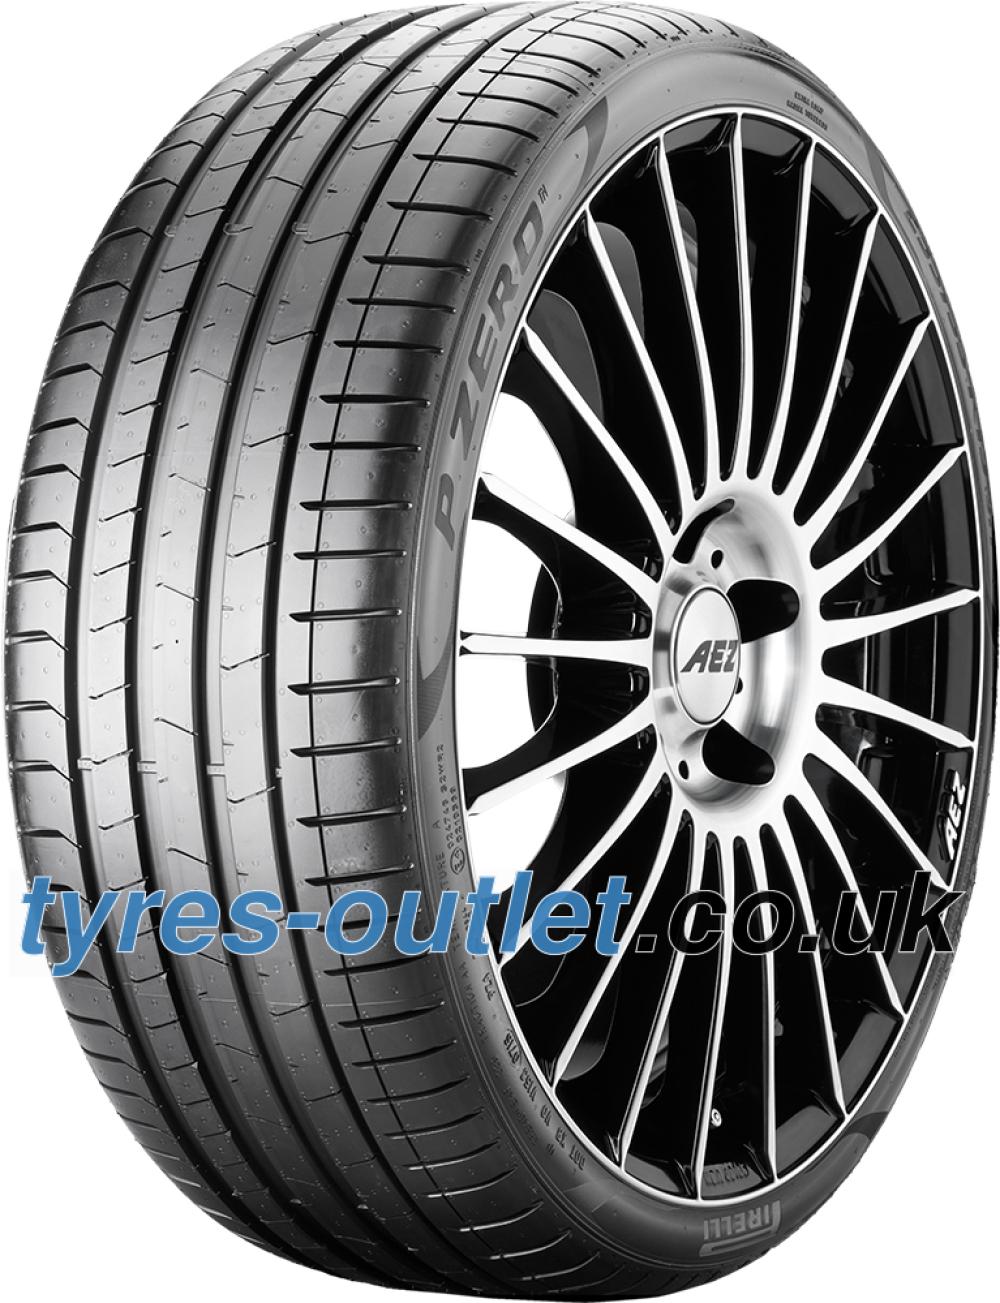 Pirelli P Zero >> Pirelli P Zero Ls